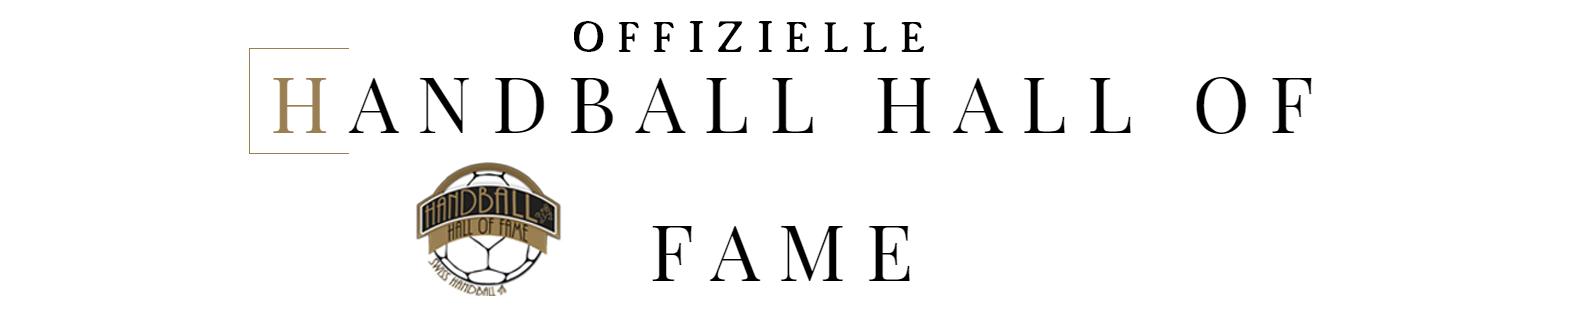 Handball Hall of Fame